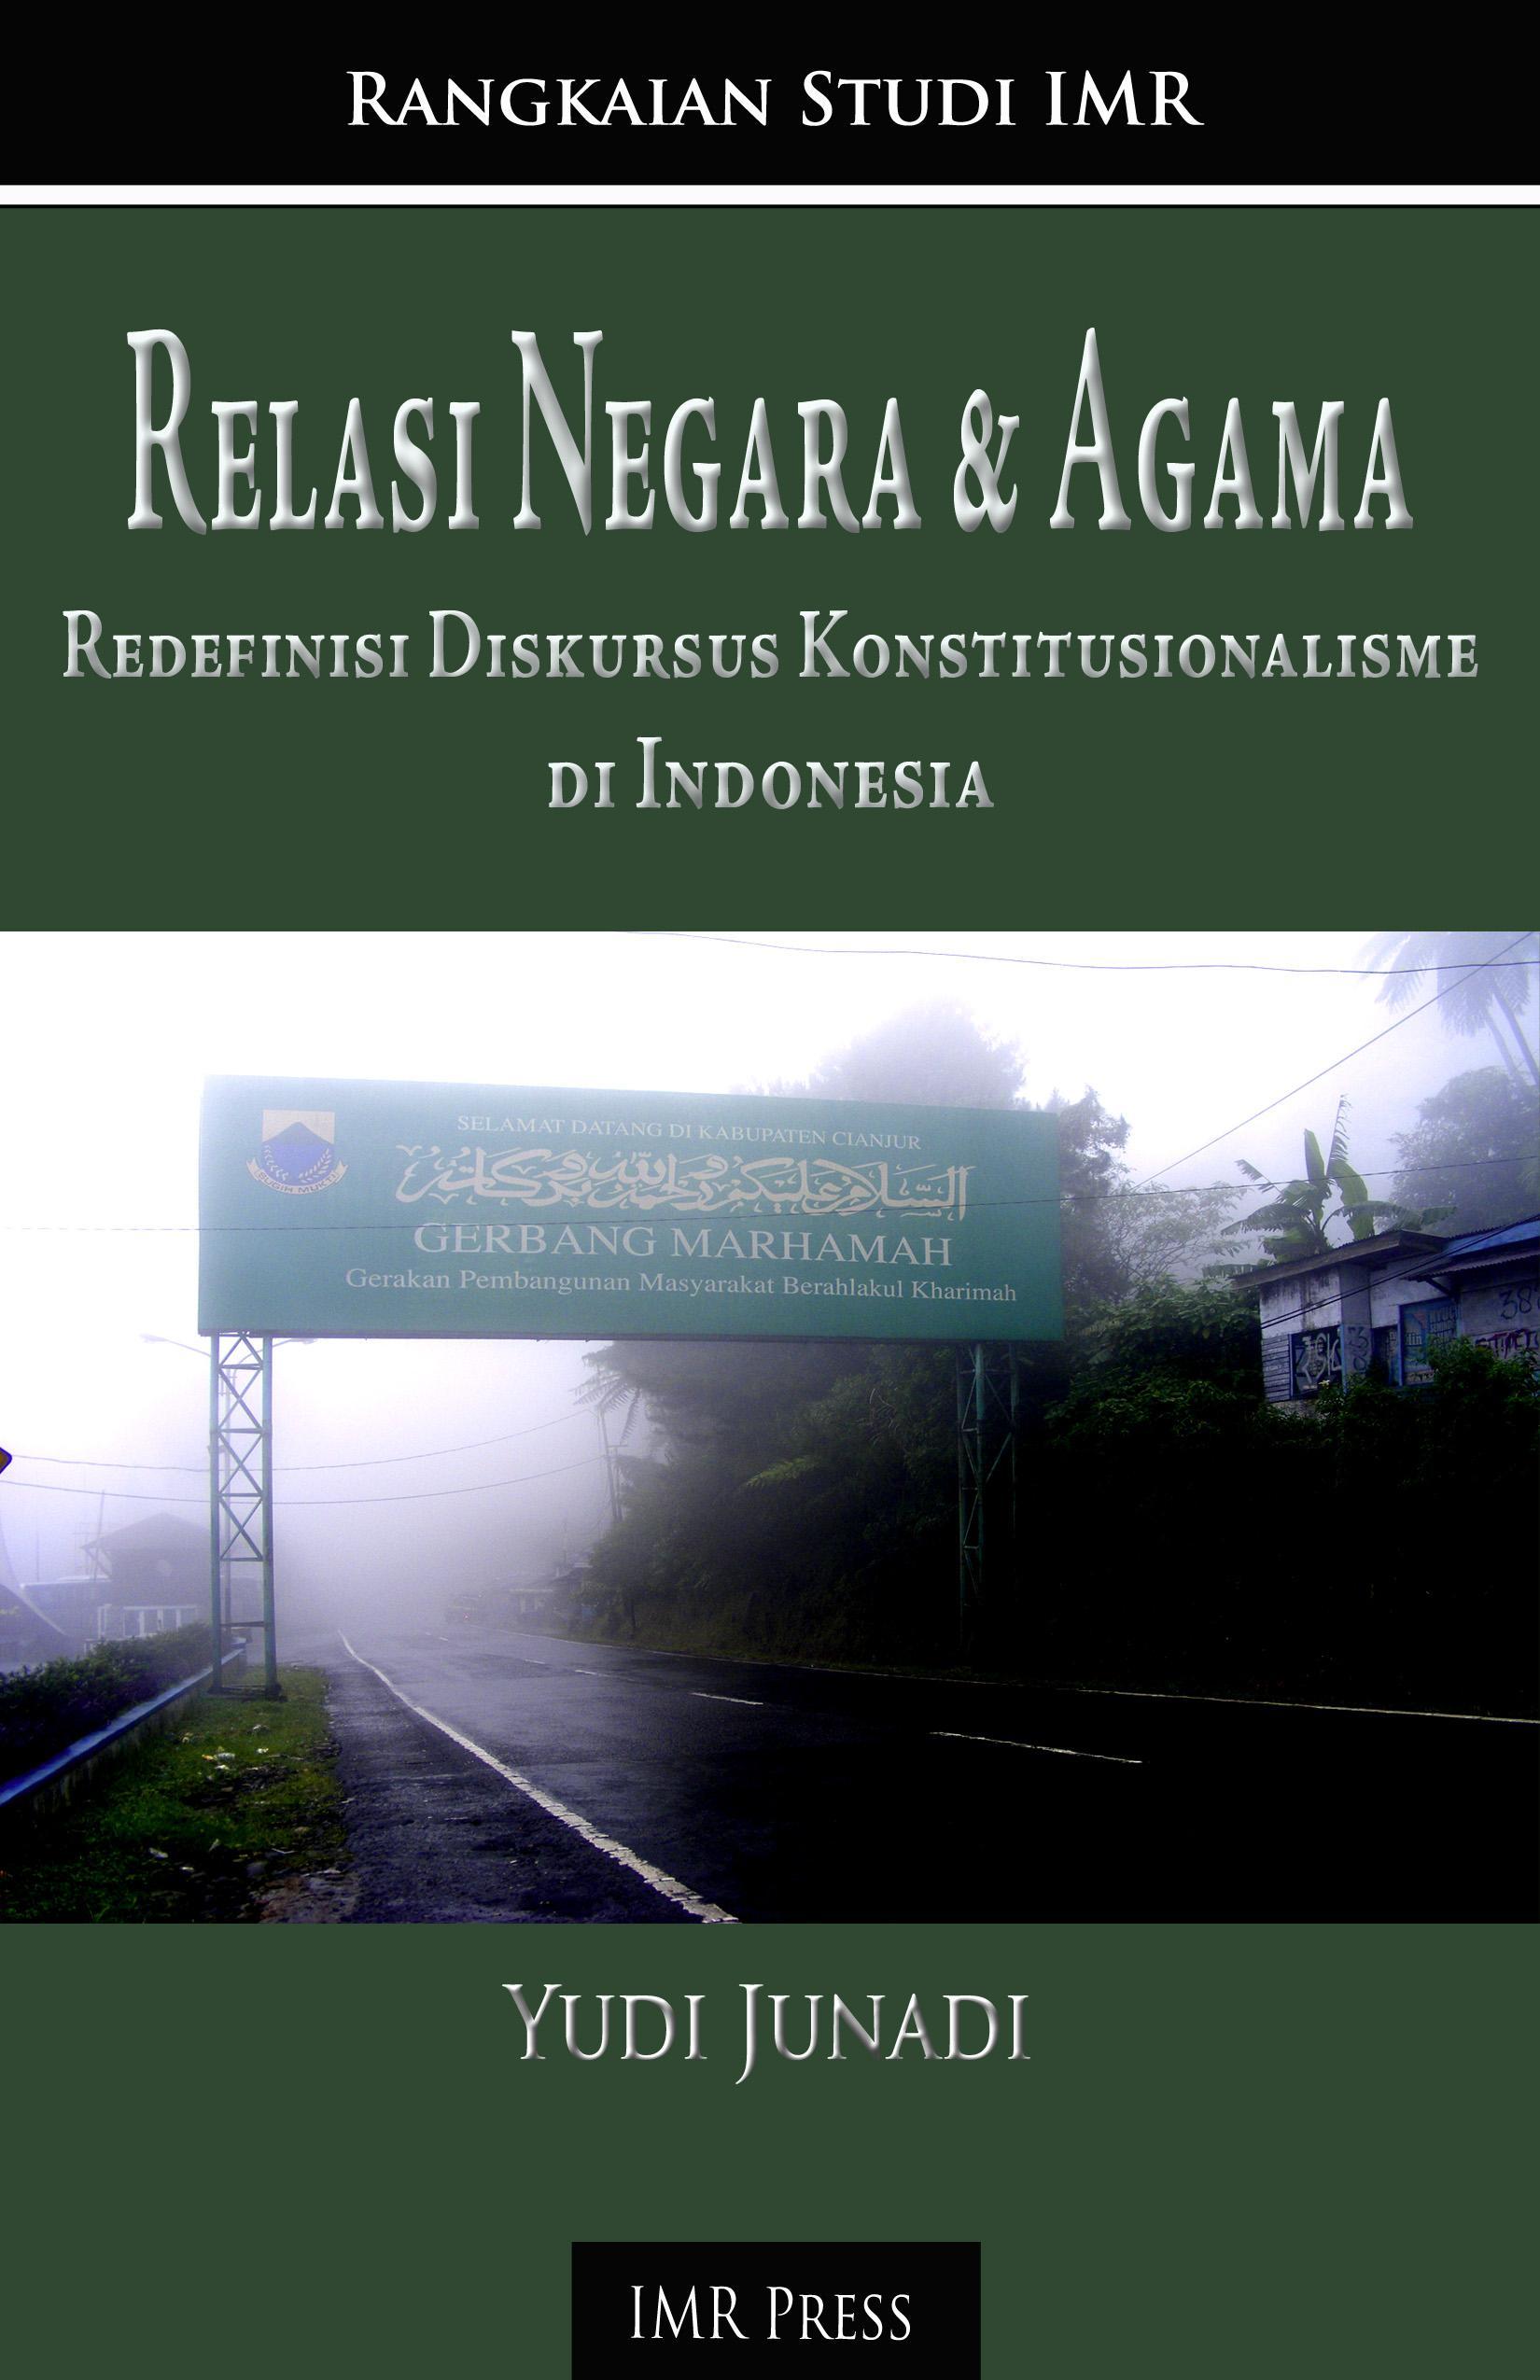 Relasi Negara dan Agama: Redefinisi Diskursus Konstitusionalisme di Indonesia